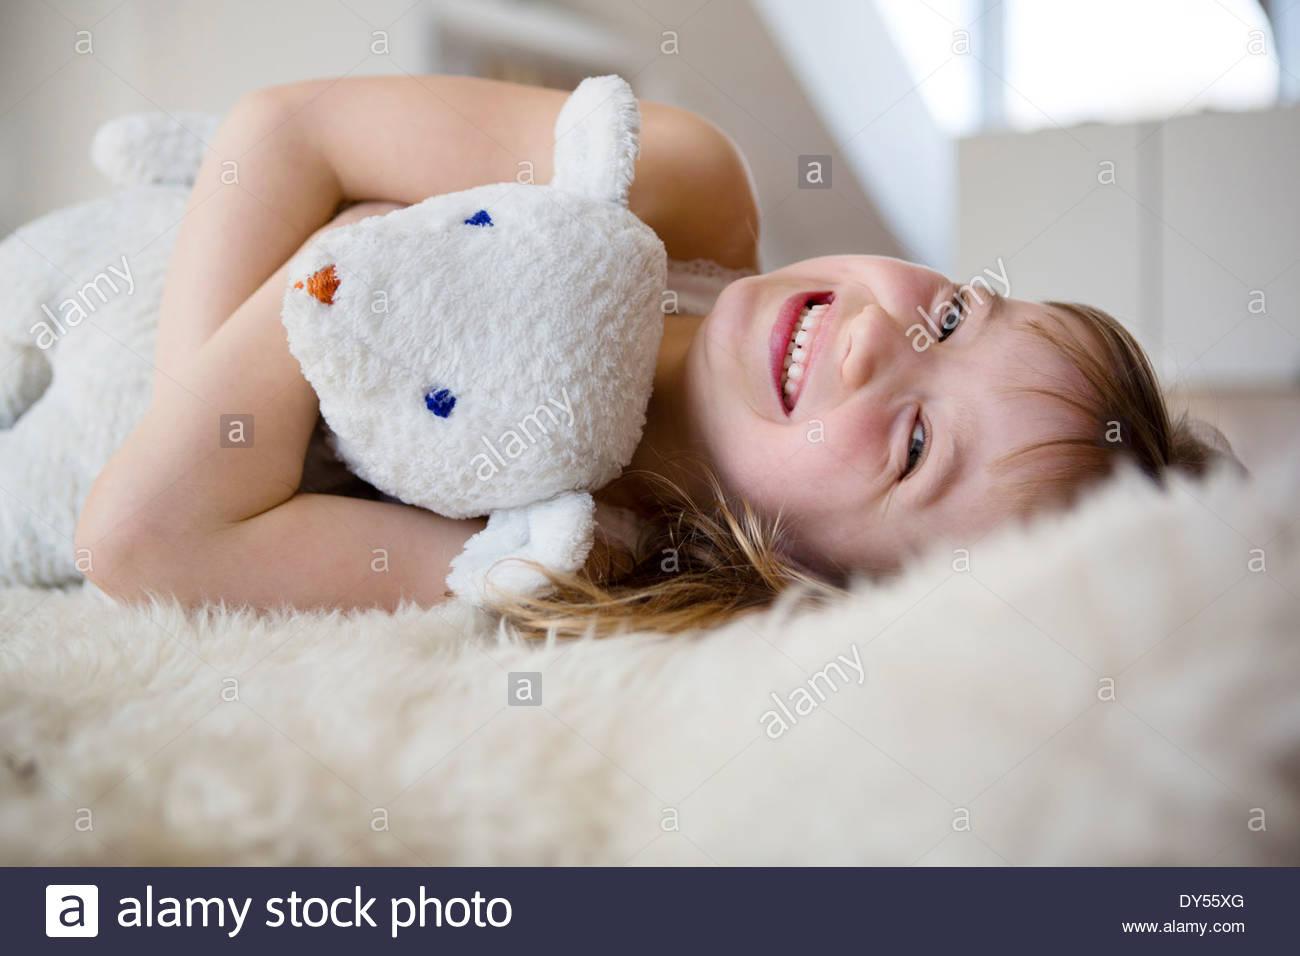 Mädchen auf pelzigen Bett kuscheln Teddybär Stockfoto